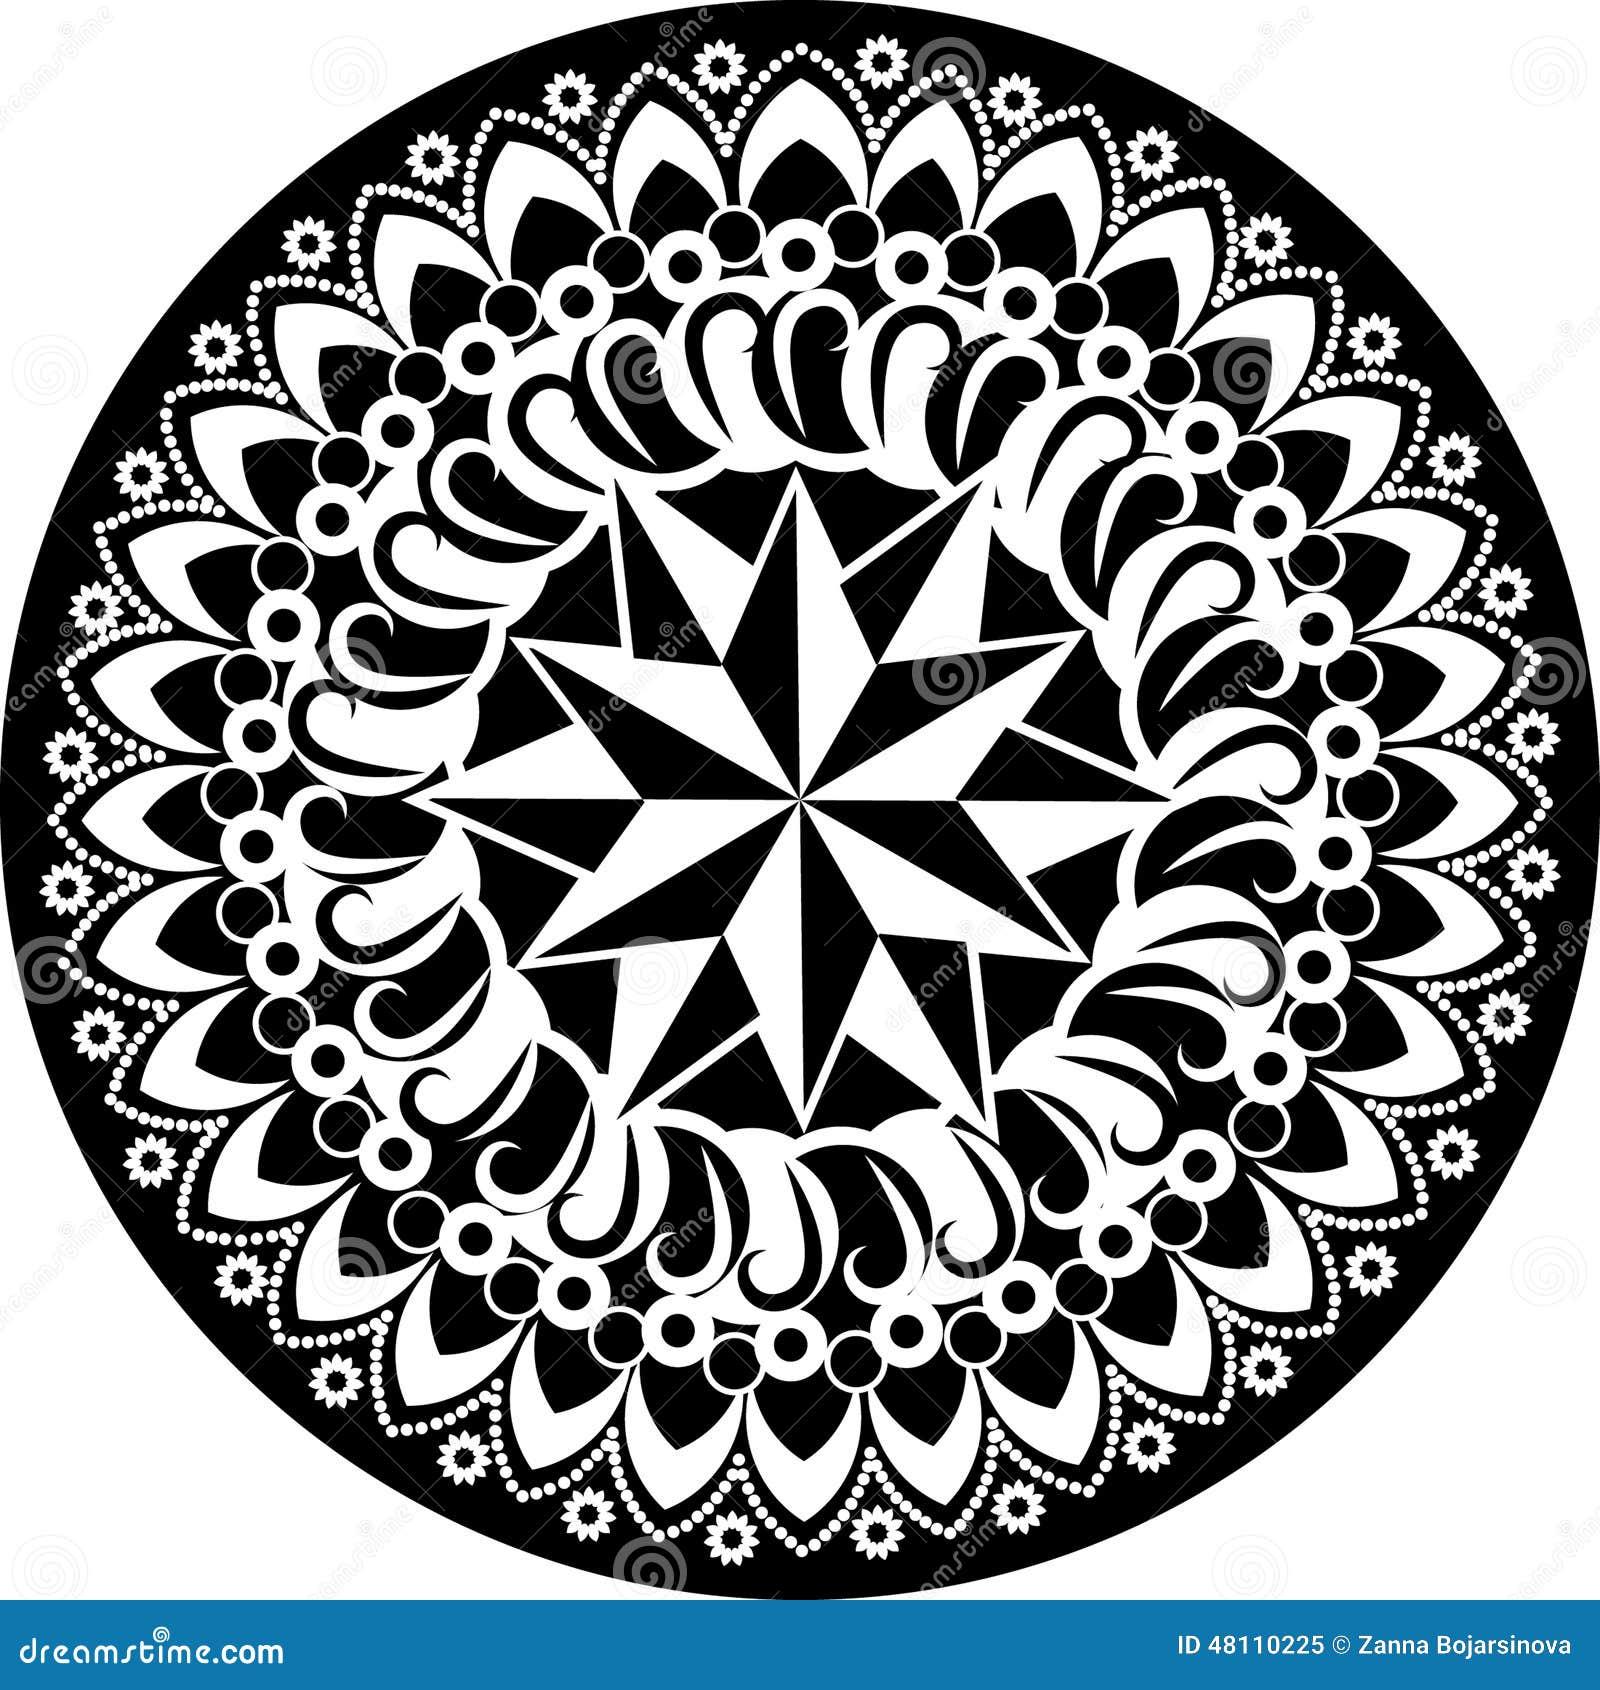 Easy Floor Plans Black And White Mandala Stock Vector Illustration Of